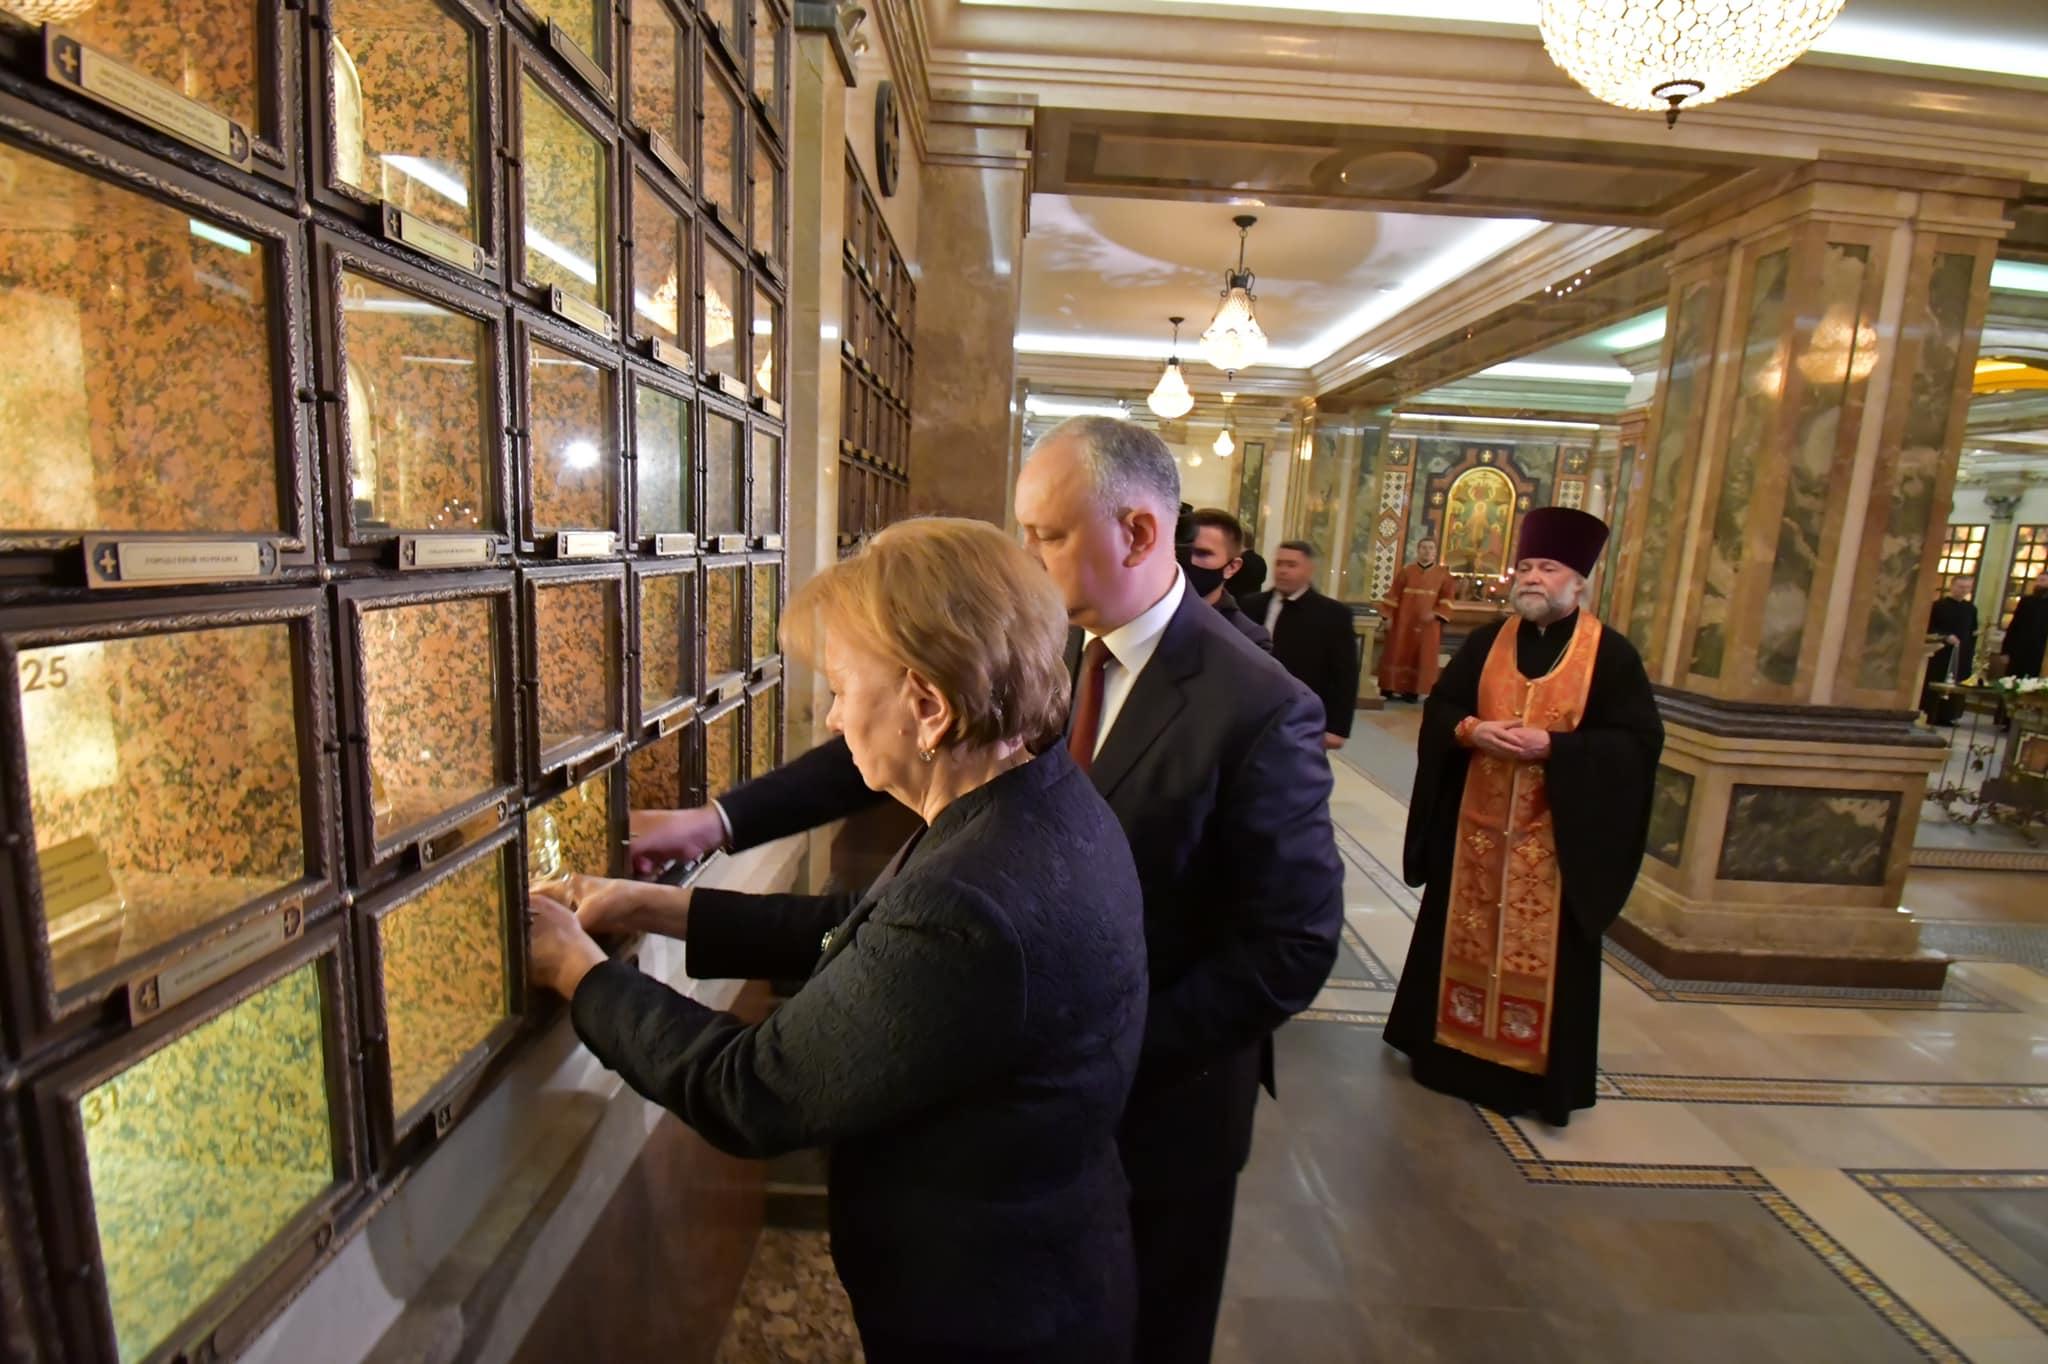 Молдавская делегация посетила знаменитый минский Храм-памятник в честь Всех Святых и в память о жертвах, спасению Отечества нашего послуживших (ФОТО)